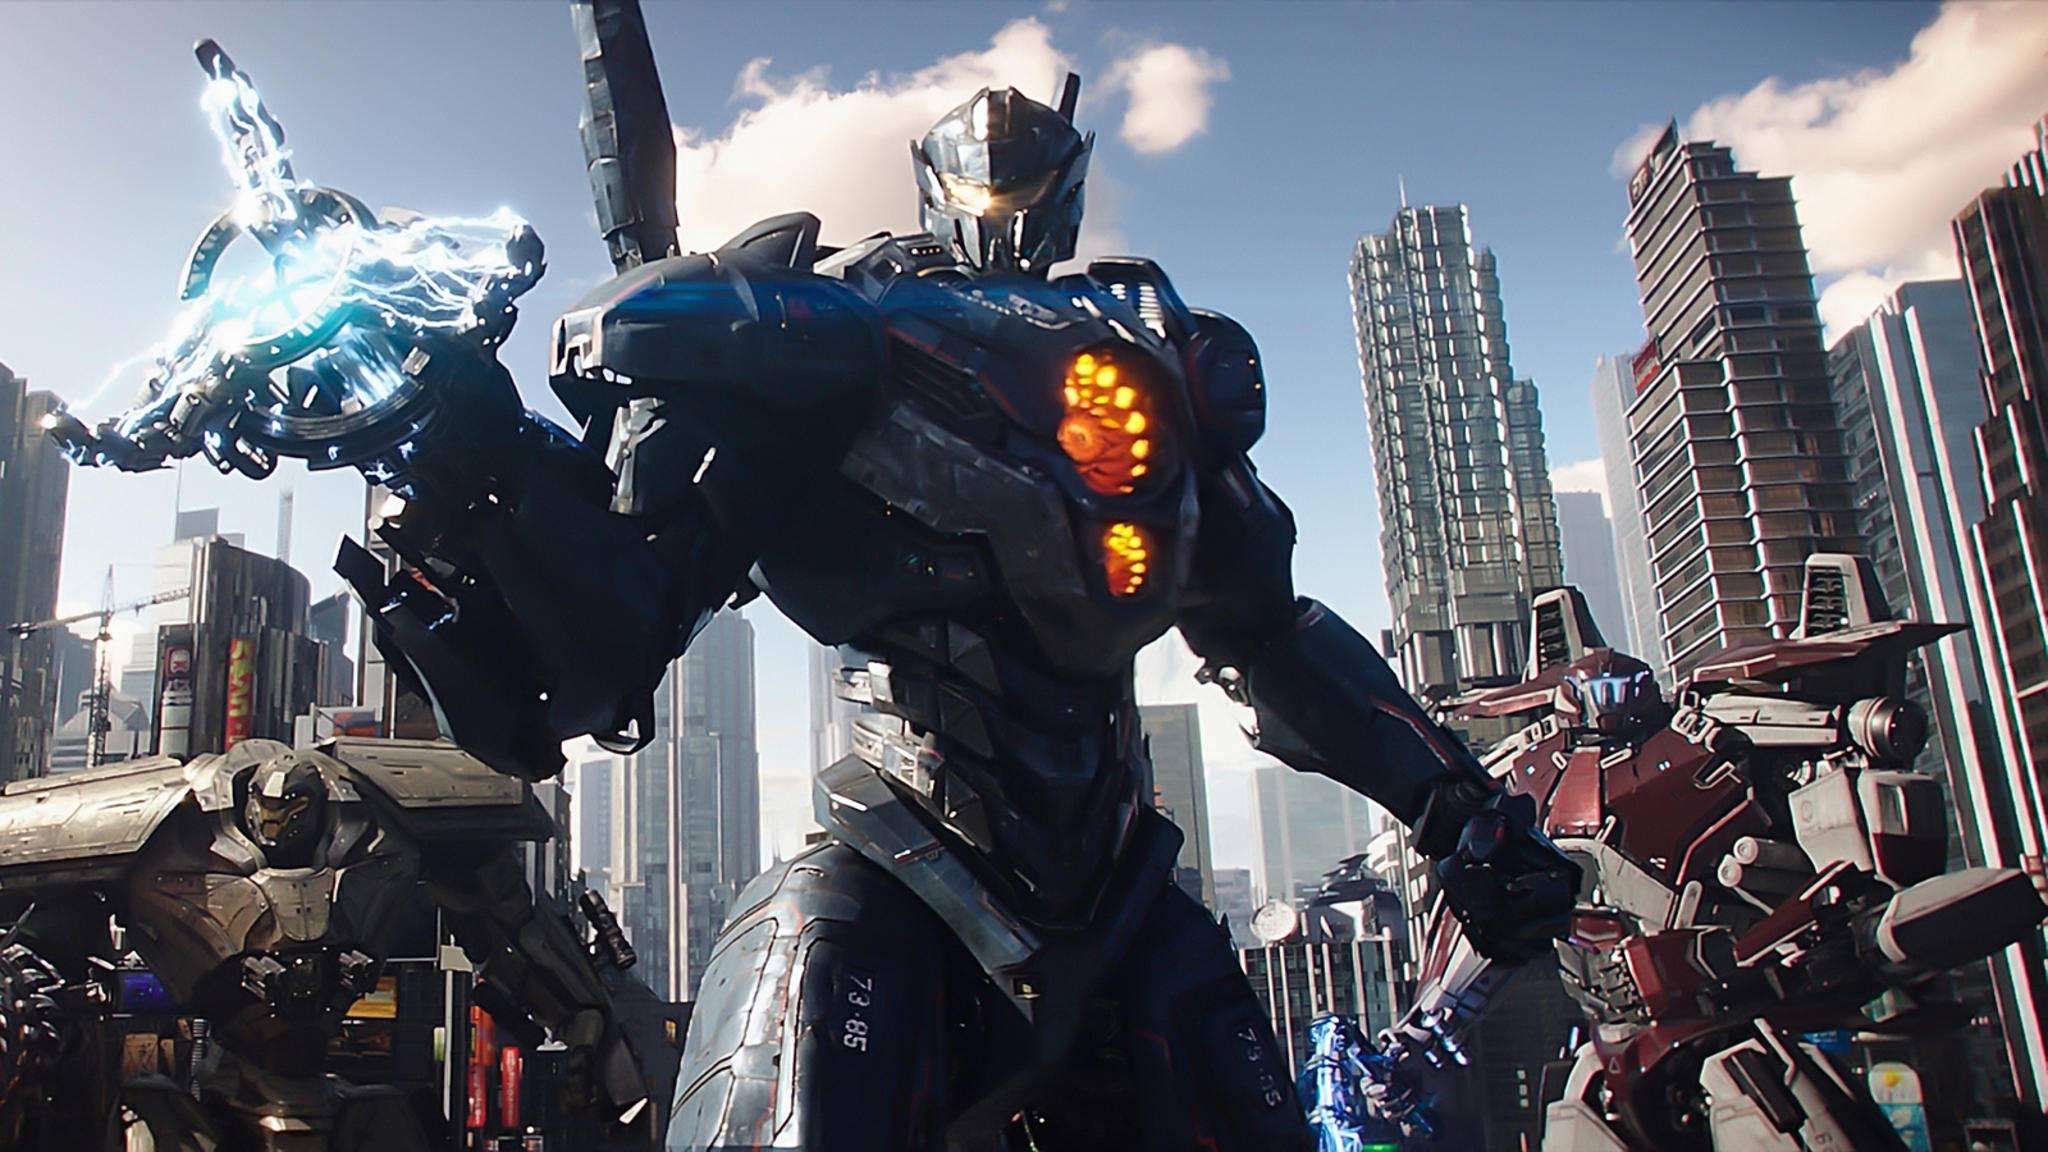 Übergroße Roboter und detailreiche Monster: Klingt doch nach einem perfekten Kinoabend, oder?